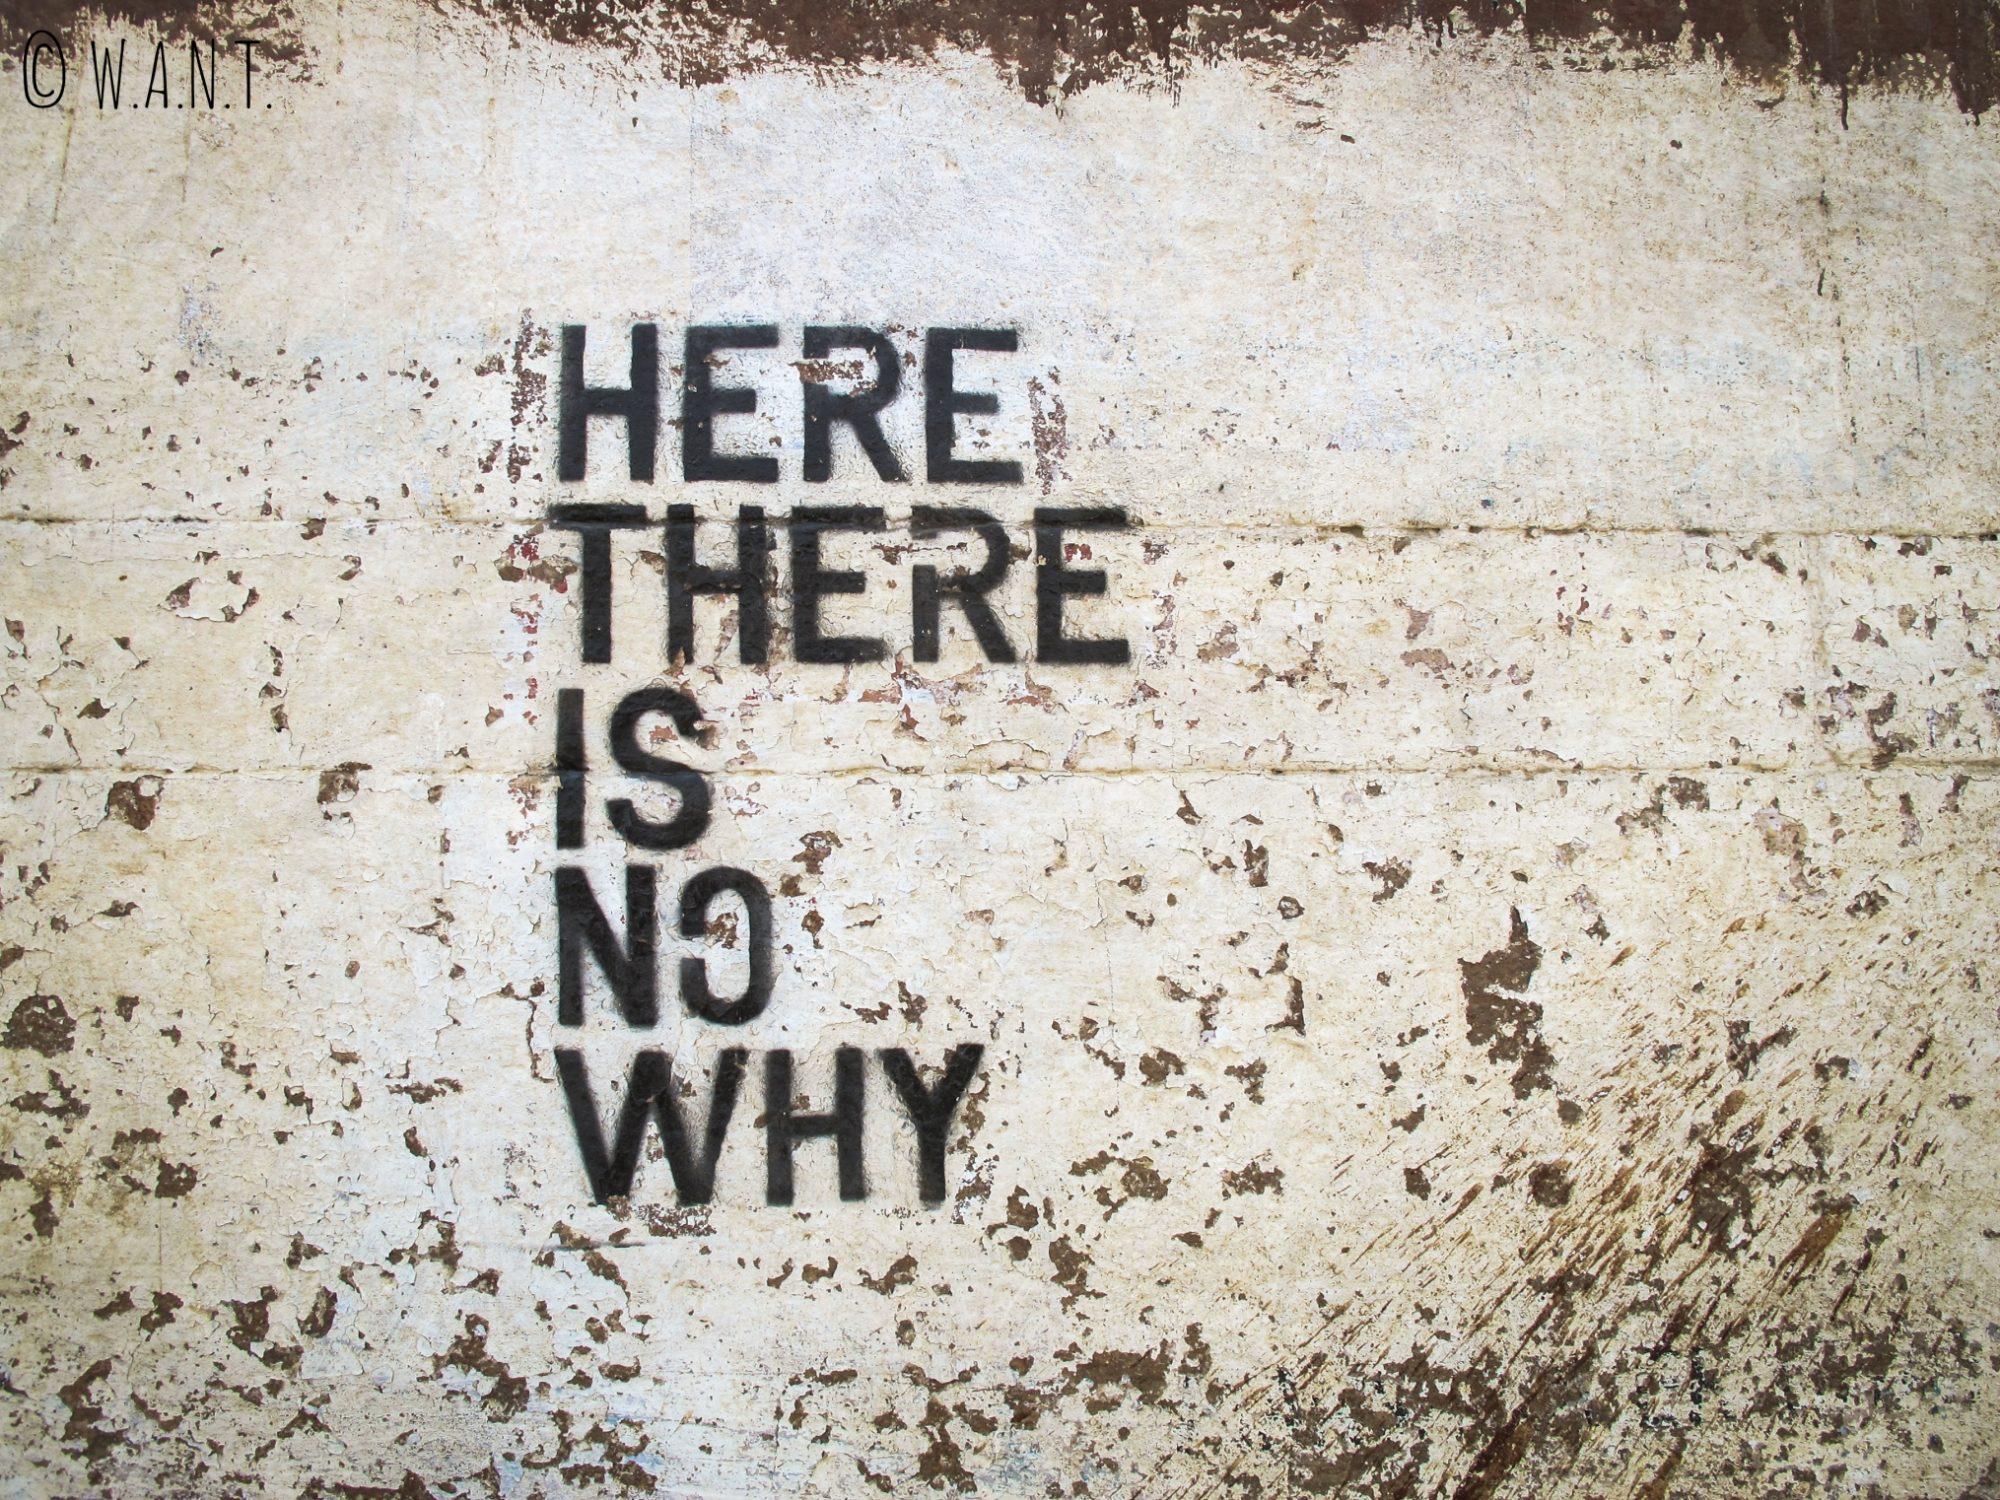 Art de rue - Ici, il n'y a pas de pourquoi...